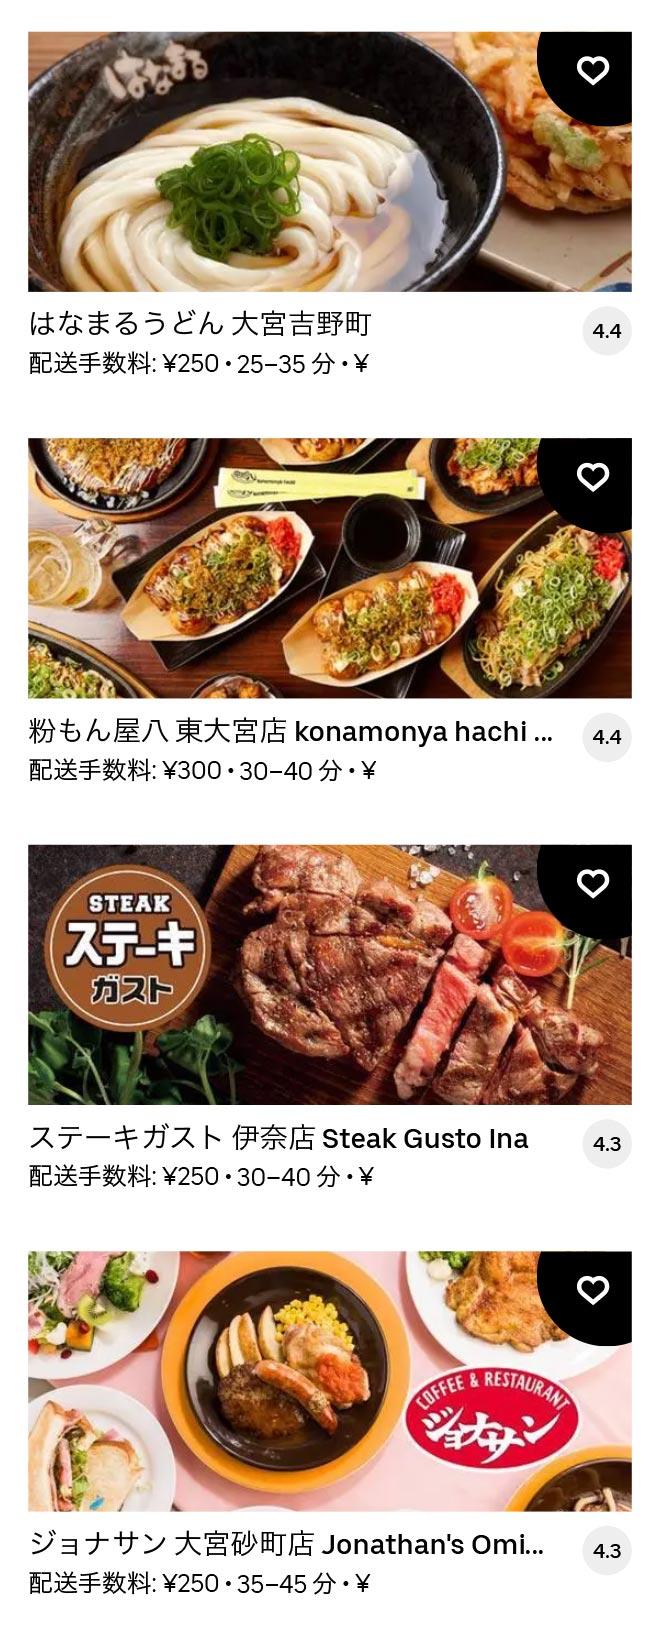 Haraichi menu 2012 02